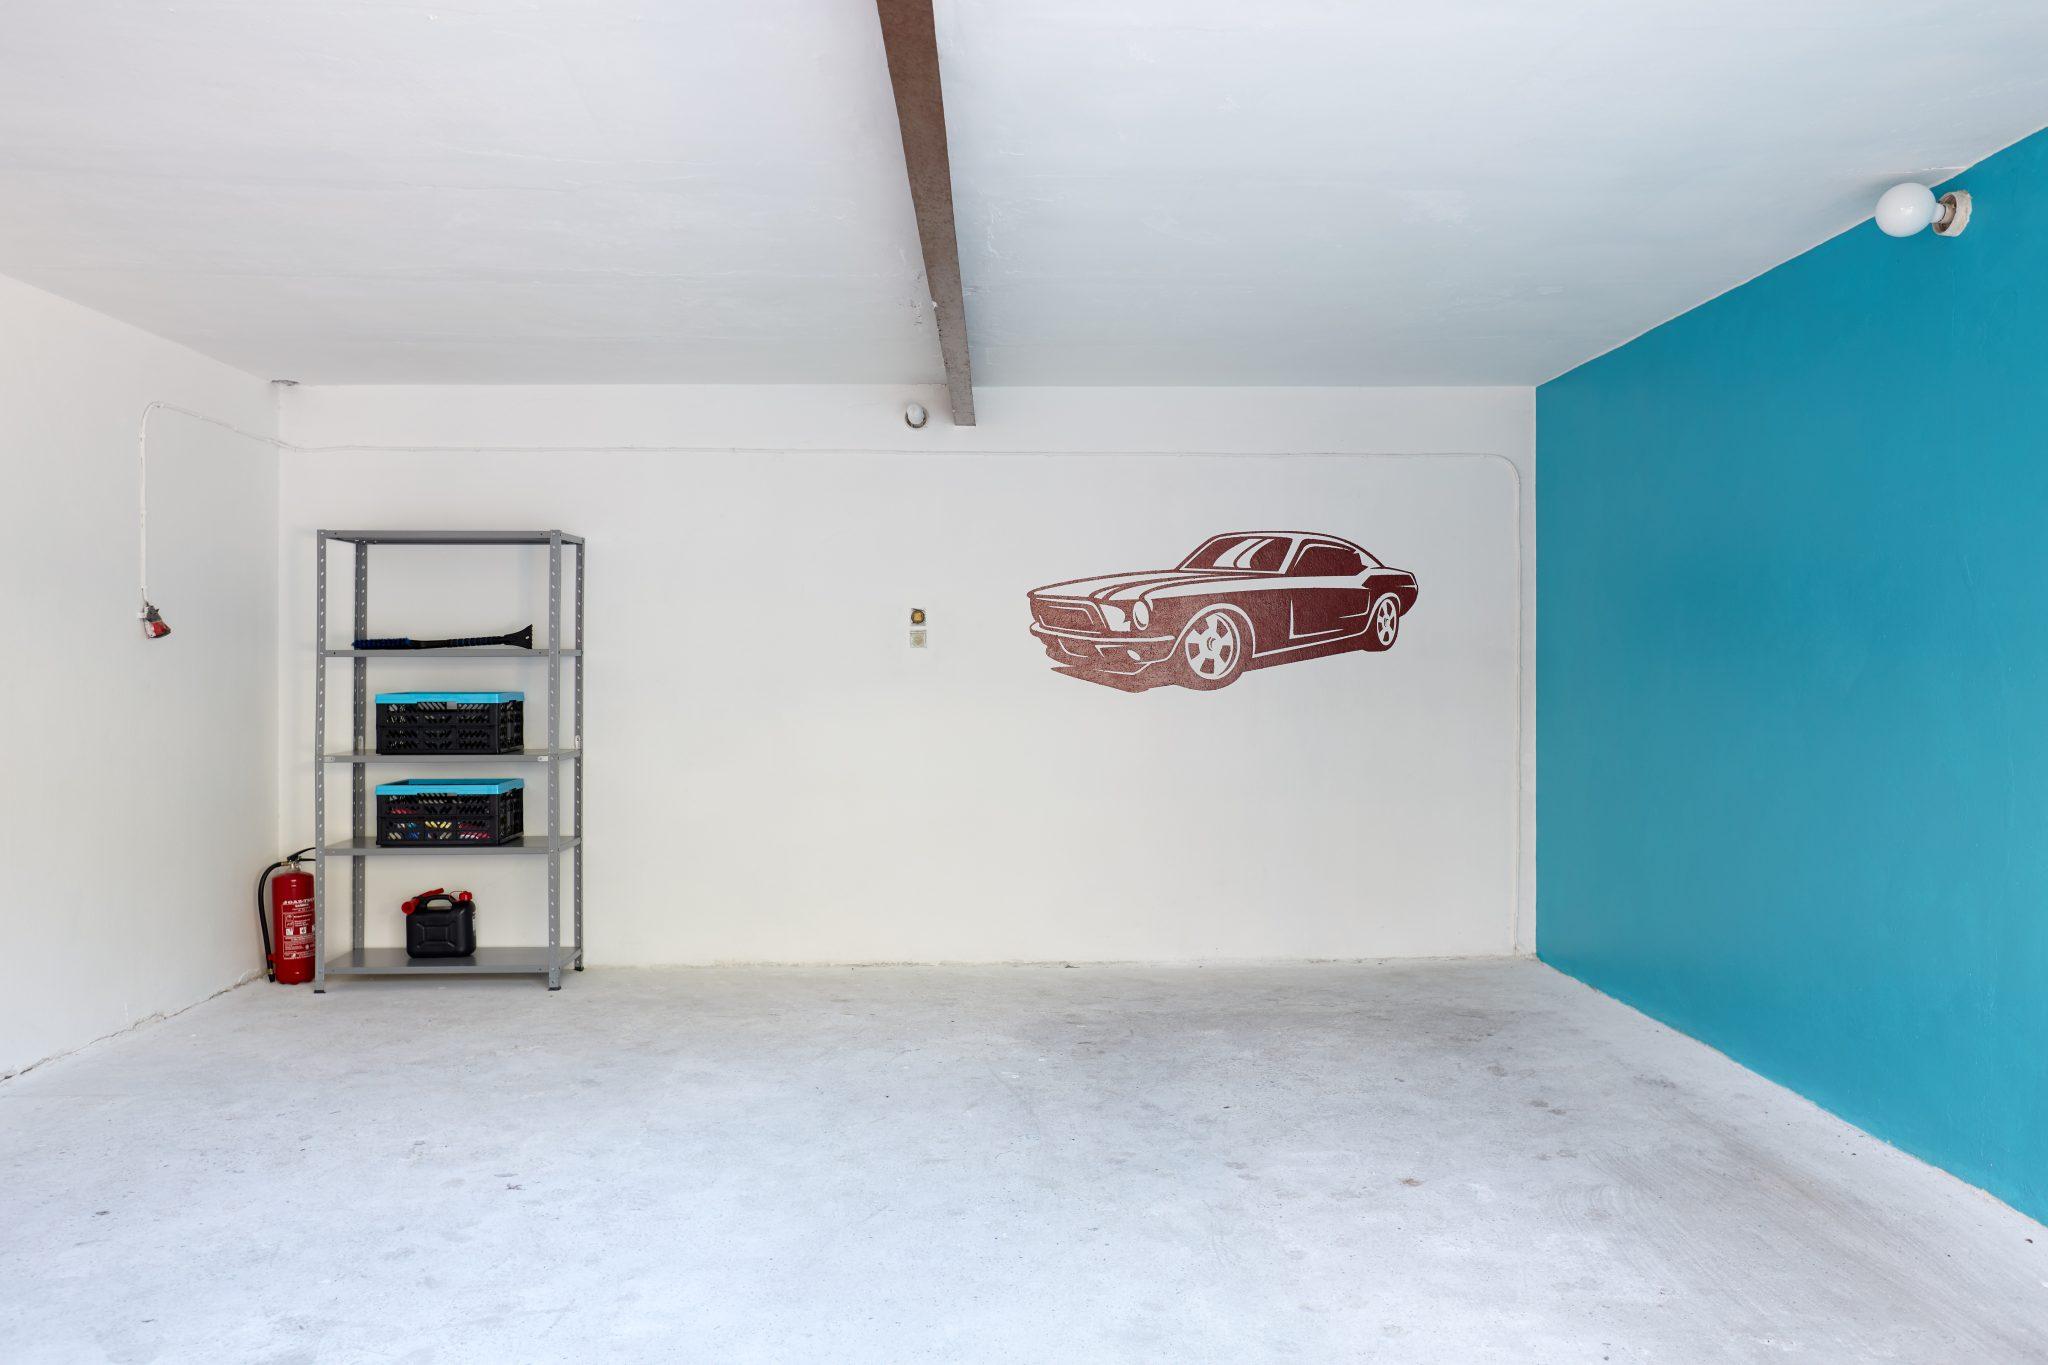 Garaż po usłudze decluttering przygotowane do funkcjonalnego korzystania z przestrzeni i przechowywania przedmiotów w mieście Warszawa. Porządki wykonane przez Domowe Metamorfozy Maria Ernst-Zduniak